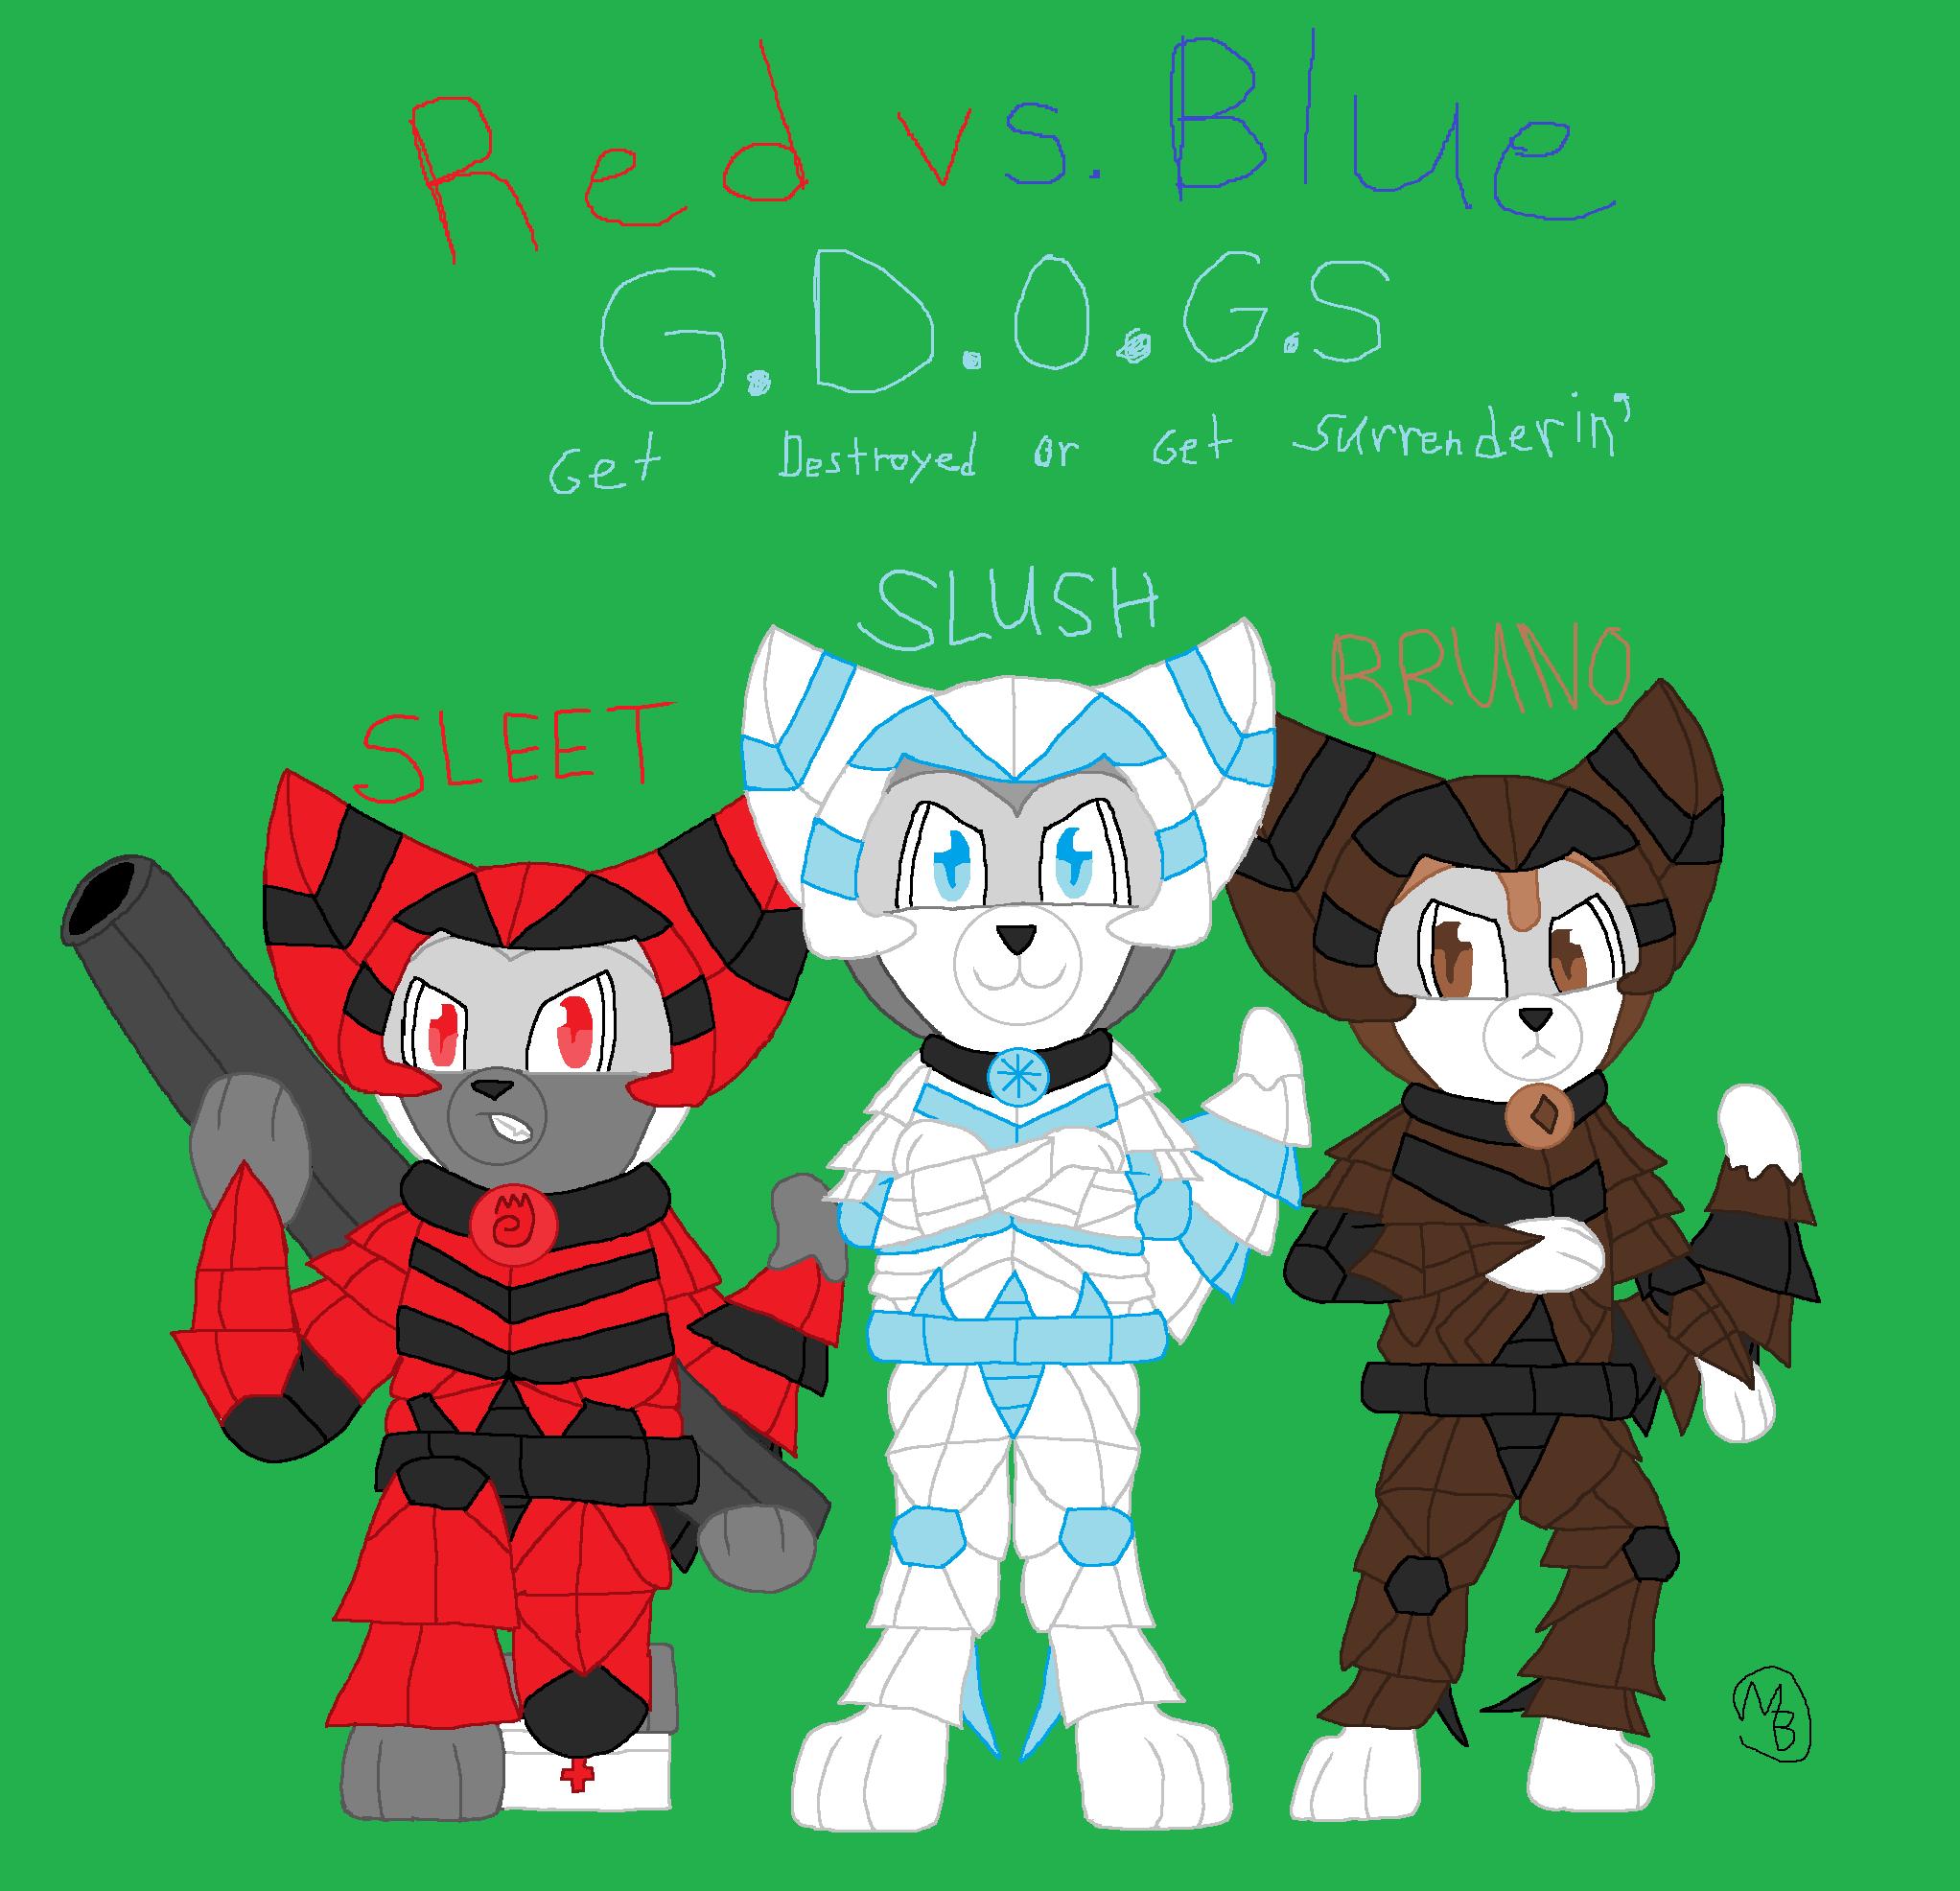 G.D.O.G.S